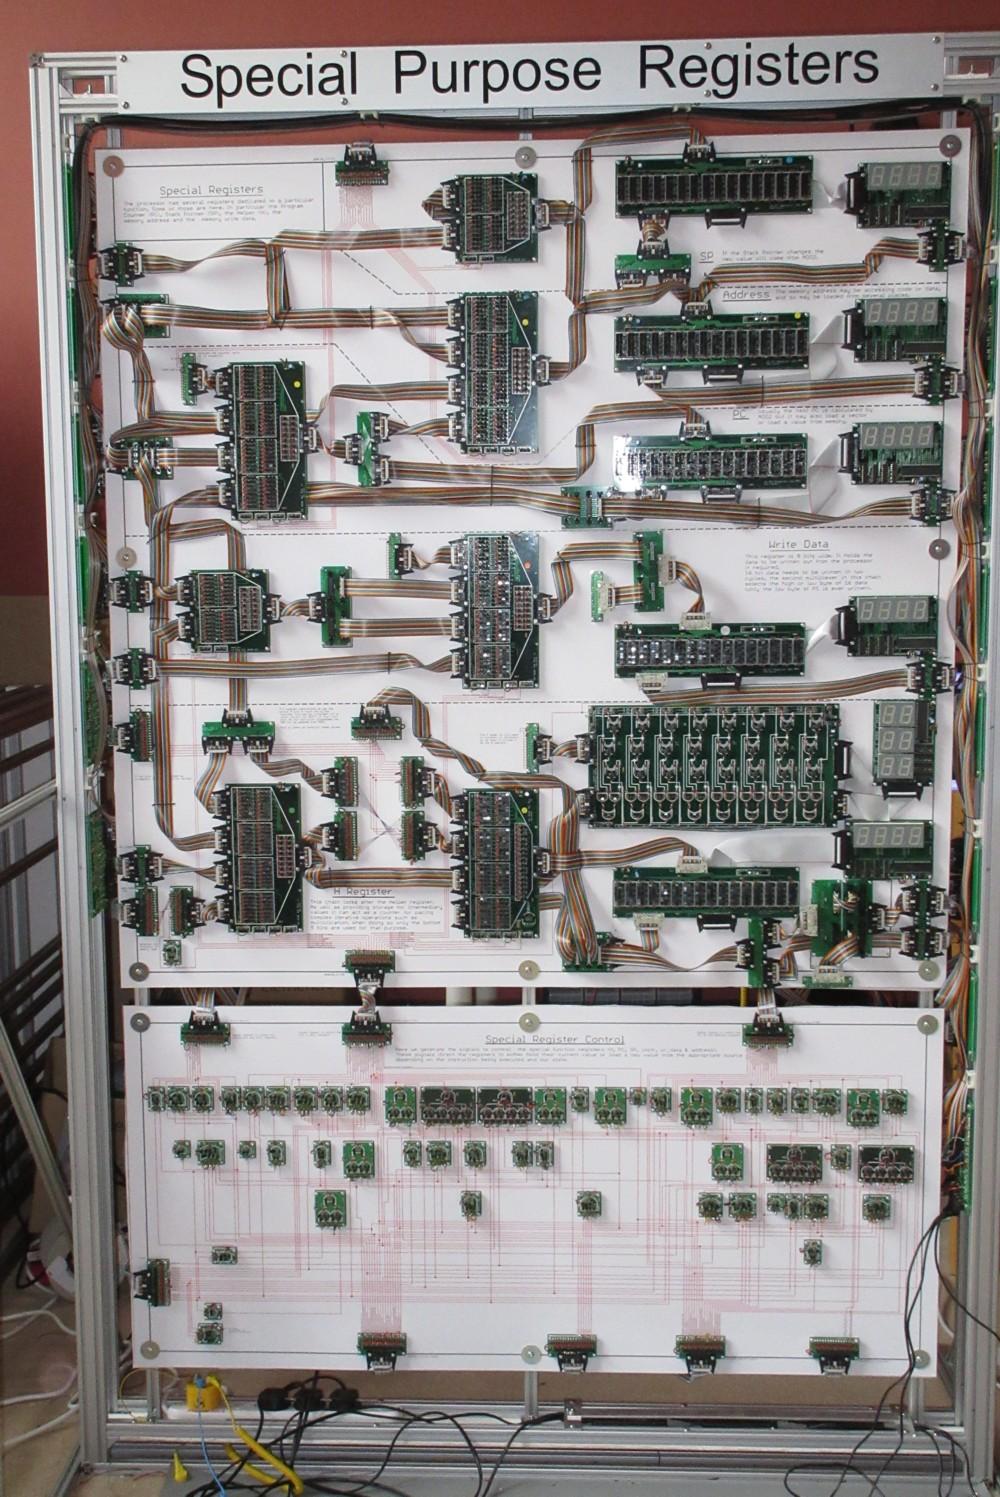 Британский инженер построил 500-килограммовый процессор из дискретных элементов. Этапы работы и интервью с создателем - 1